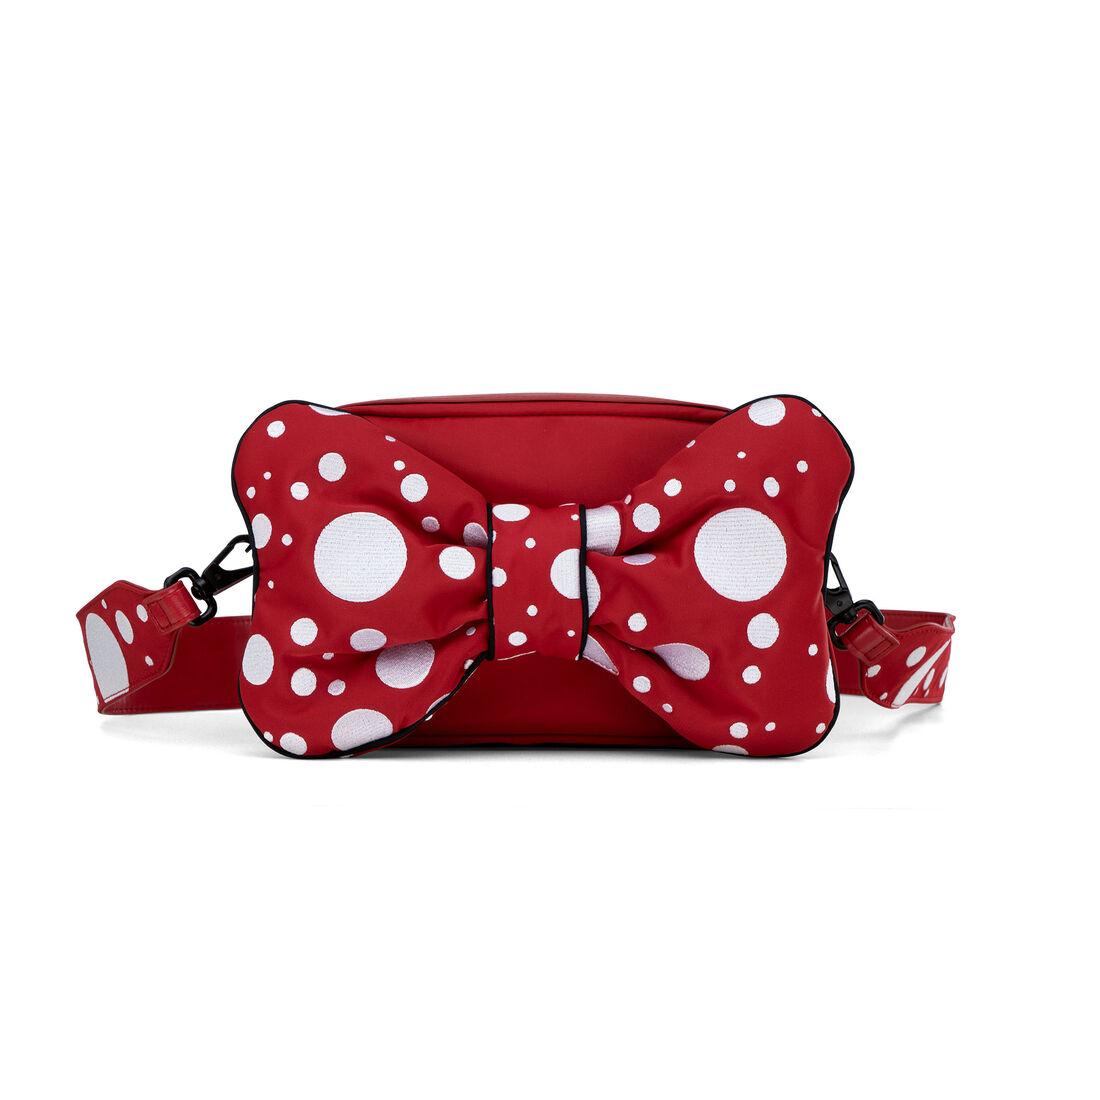 CYBEX Essential Bag - Petticoat Red in Petticoat Red large Bild 1